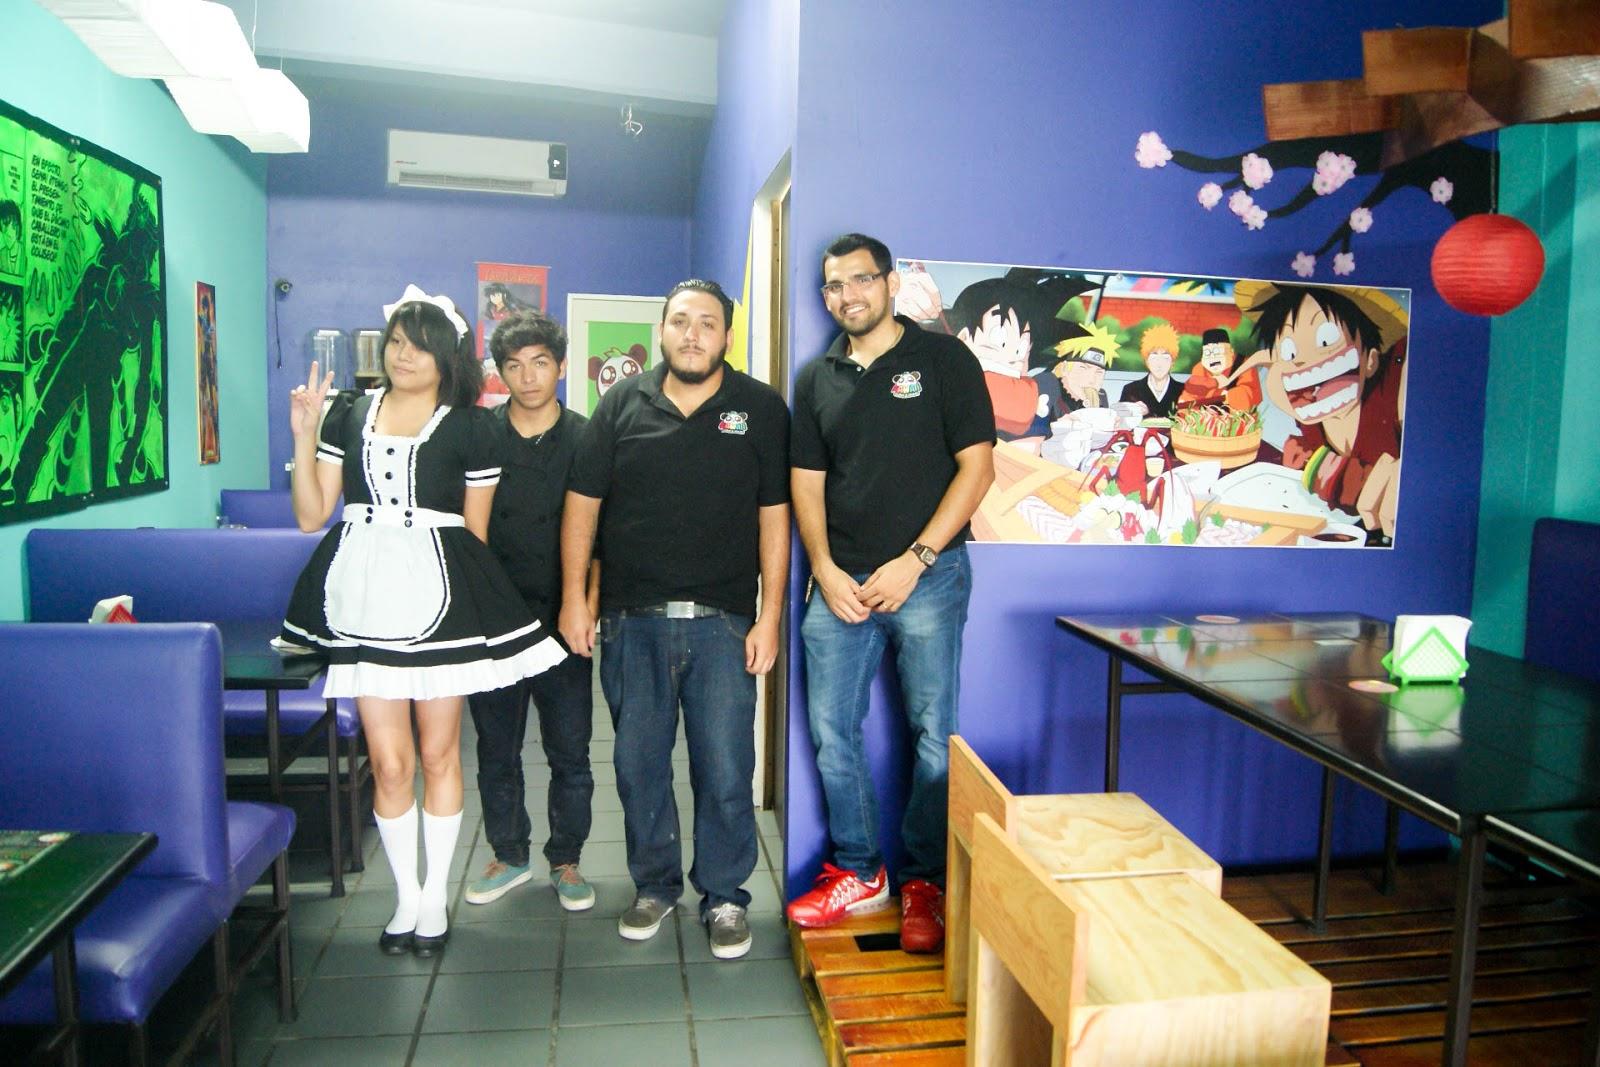 Ellos forman parte de este nuevo sushi, quien esta junto al cuadro de los comelones es Christan el dueño, con los chefs y la chica maid *w*